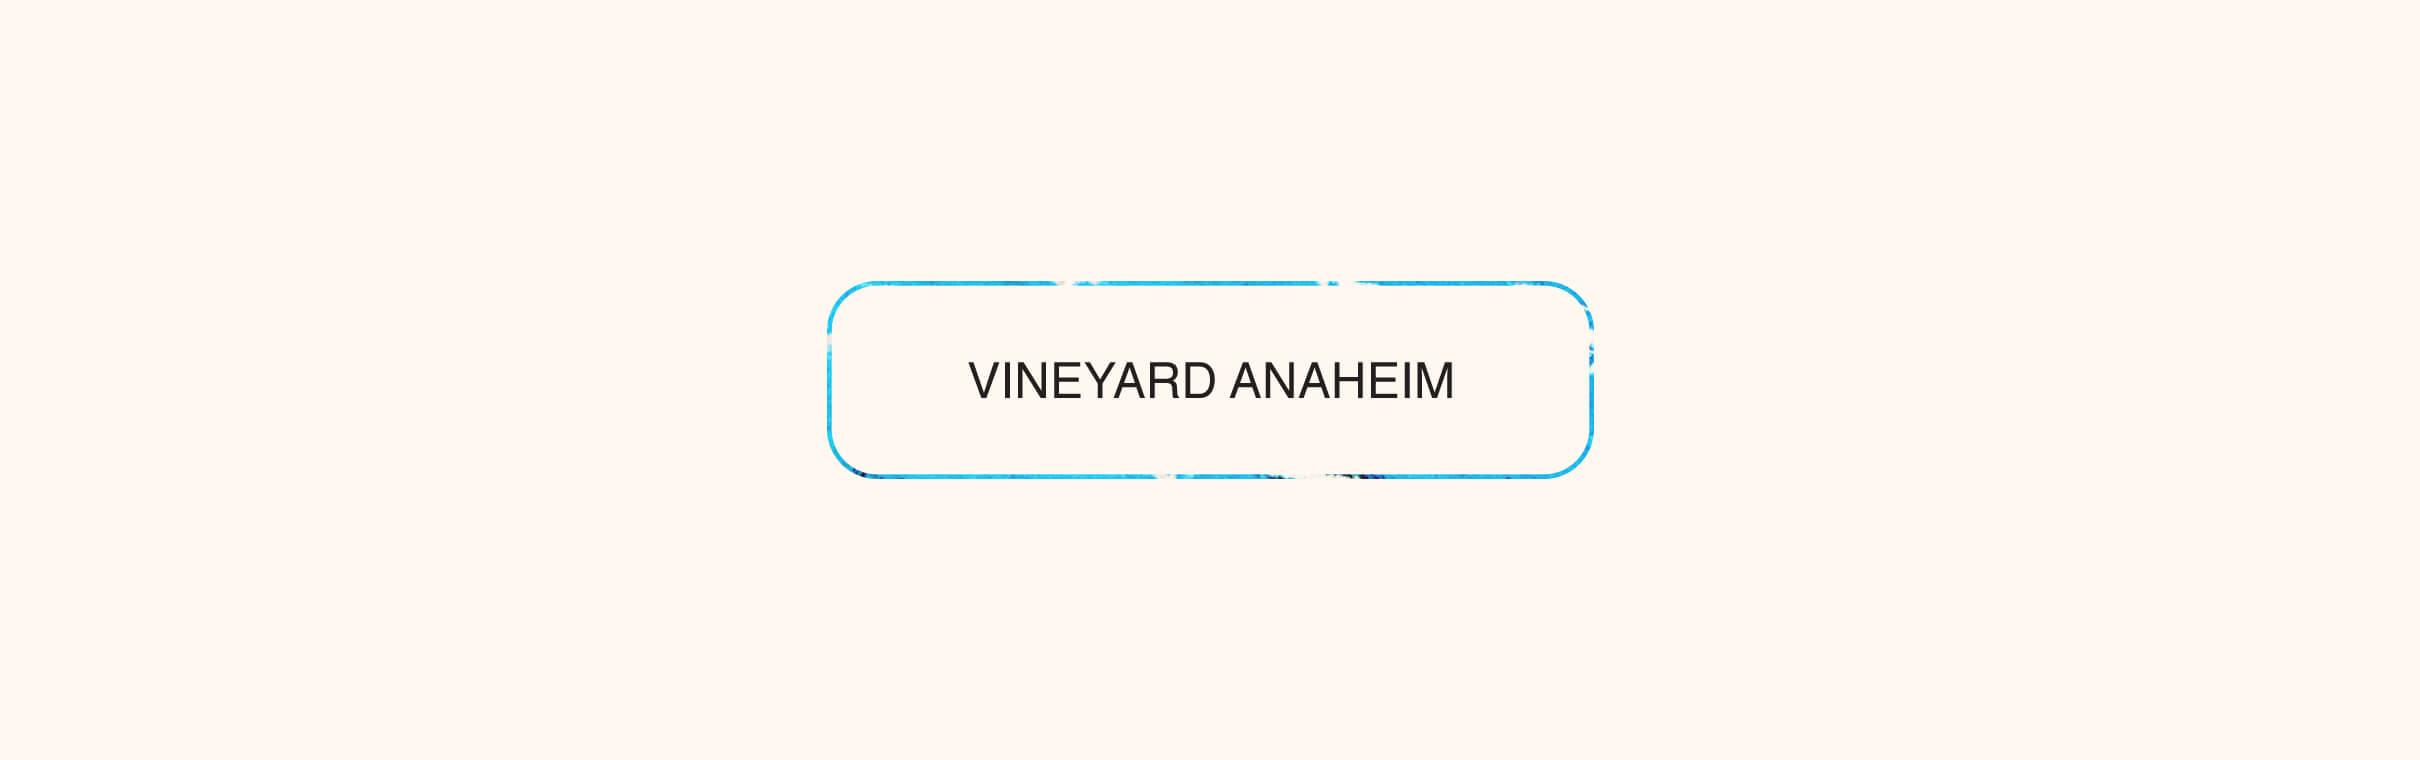 Vineyard Anaheim